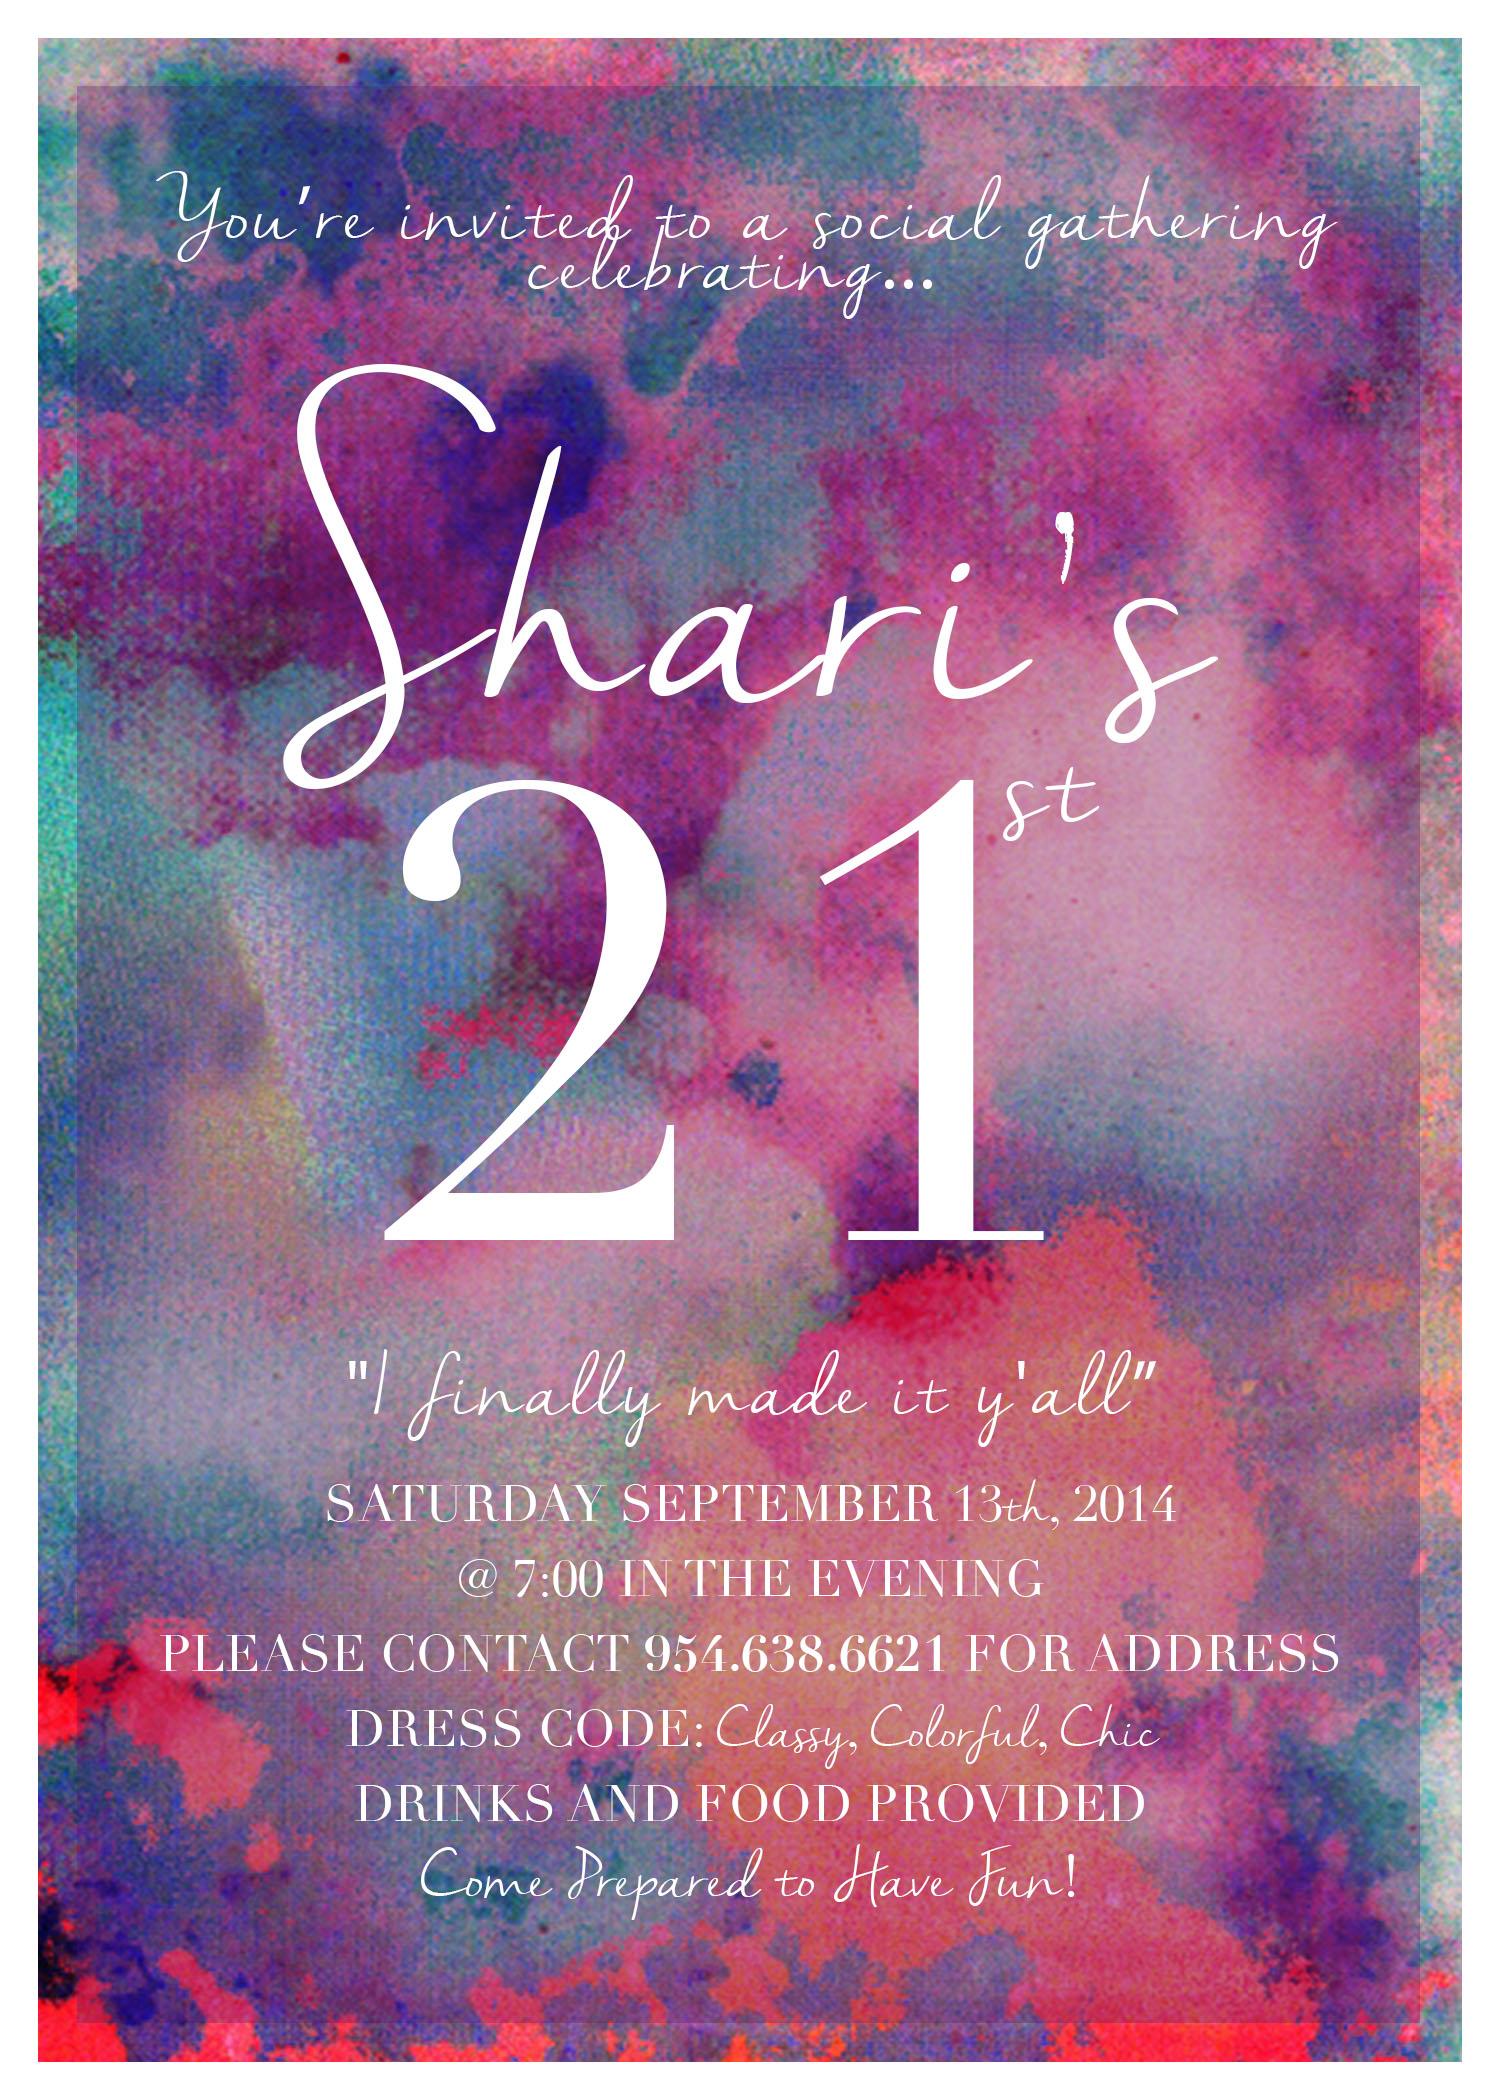 Shari 21st Invite4.jpg